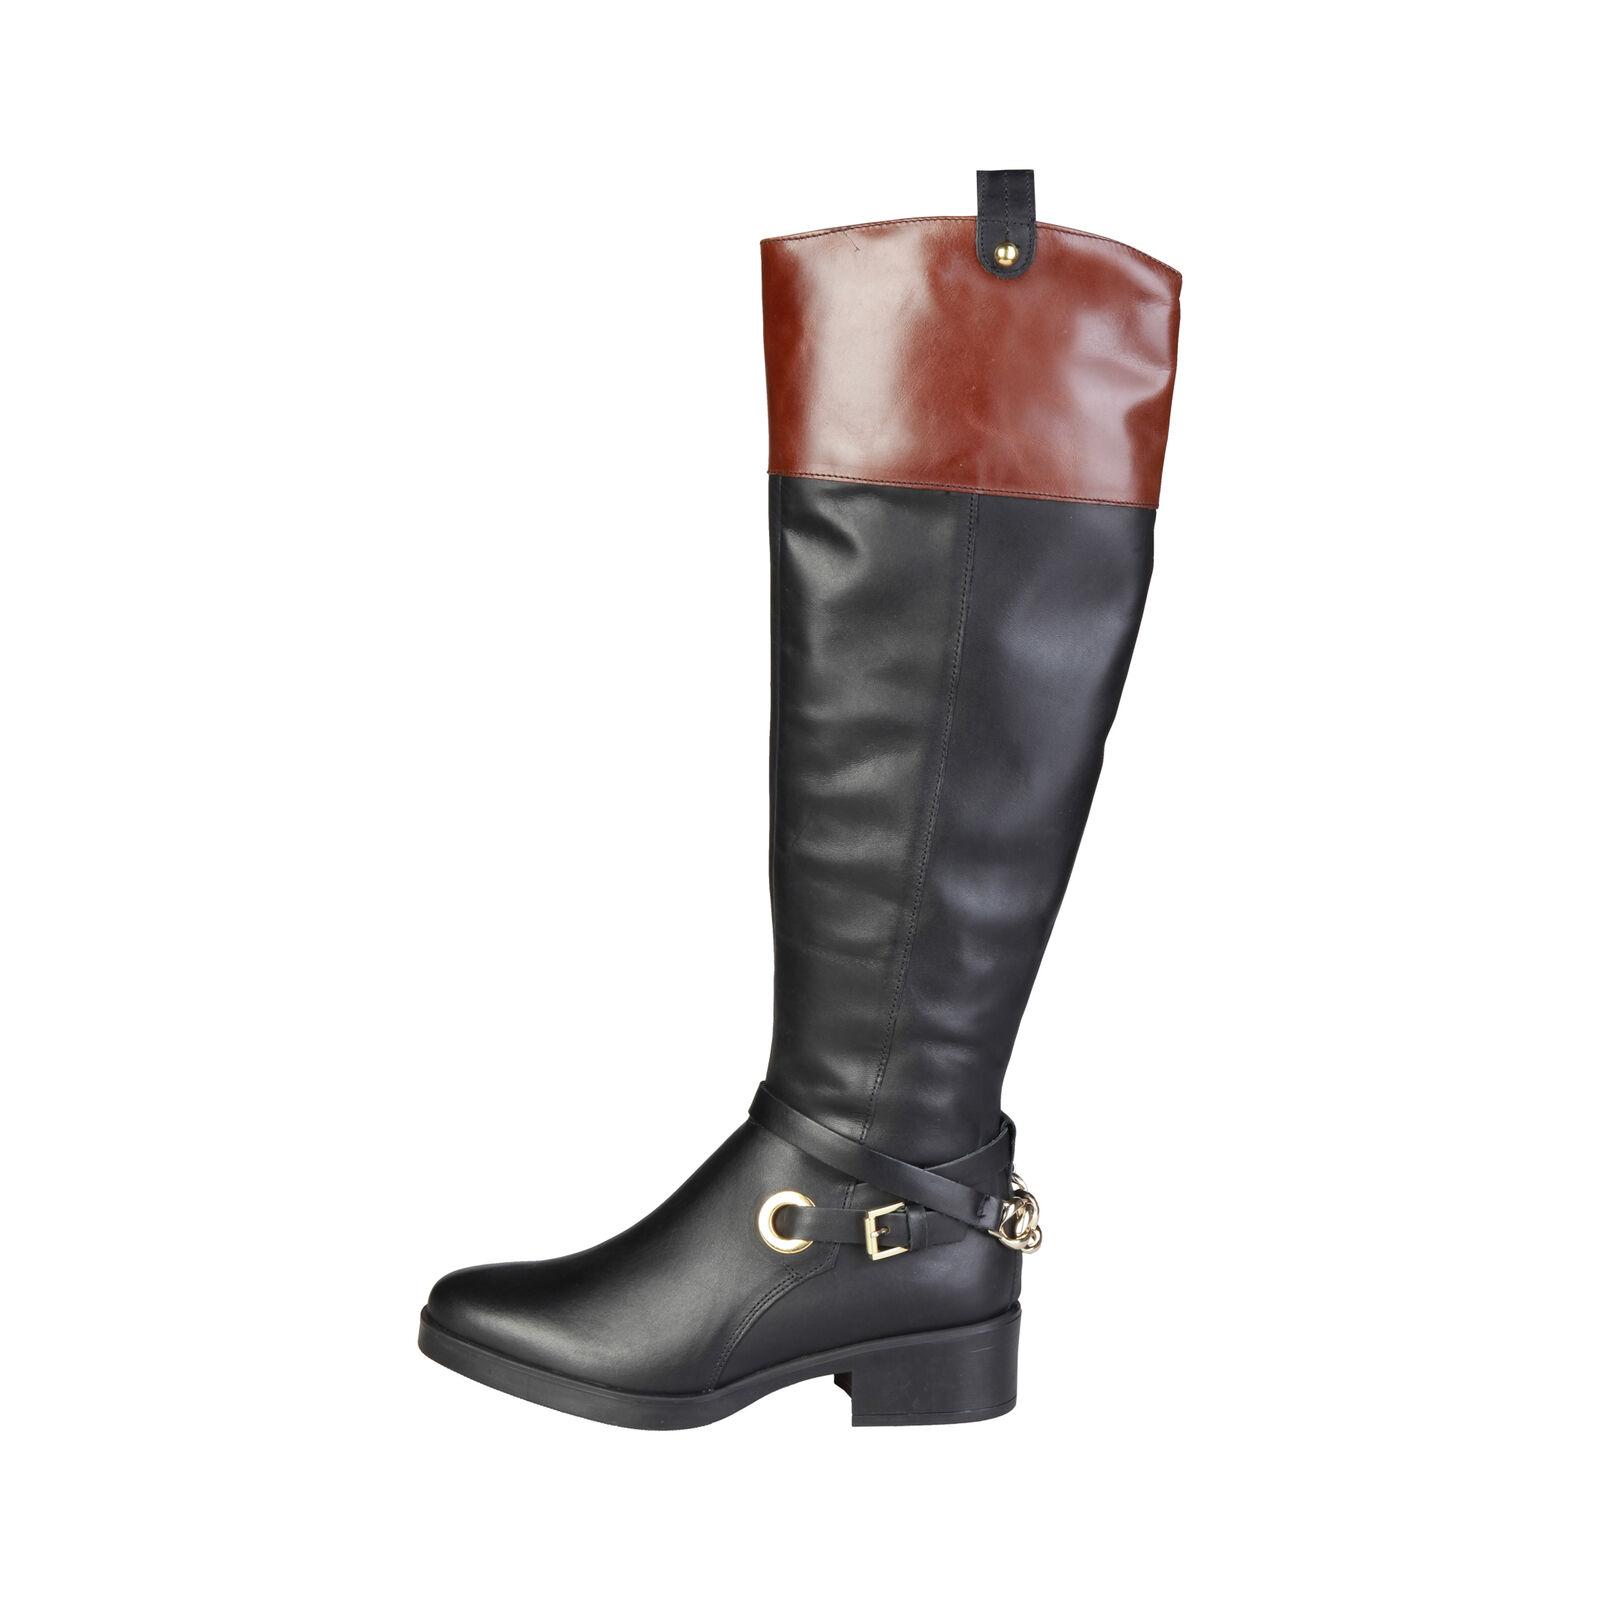 ca7b0d91d Pierre Cardin señora botas zapatos botas botines altos cuero genuino negro